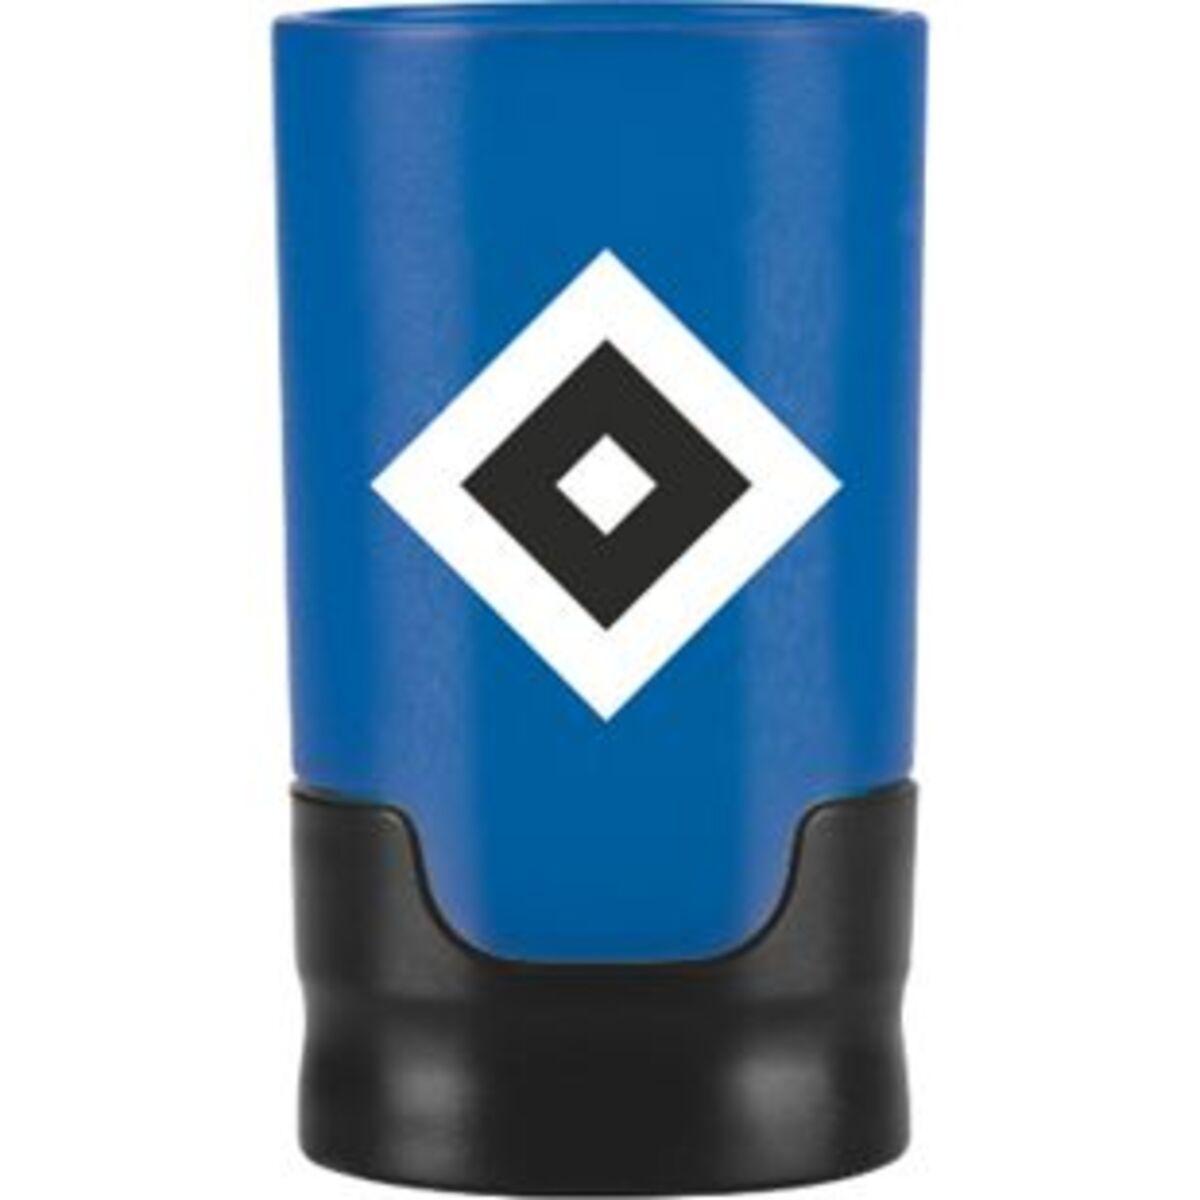 Bild 2 von Taste Hero Bier-Aufbereiter HSV blau/schwarz